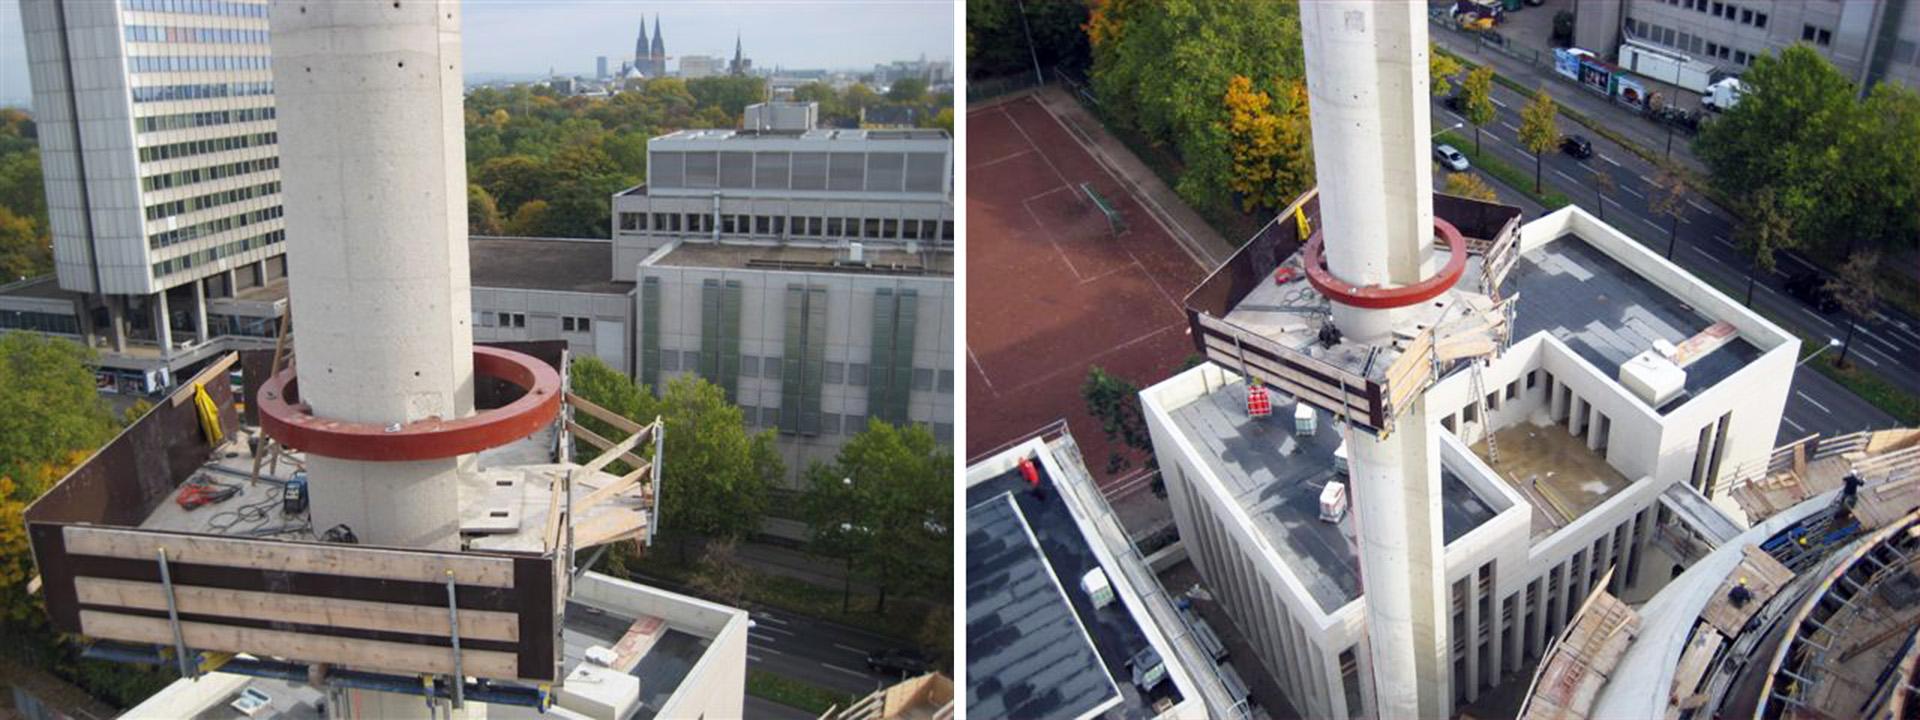 Stahlringe an Minaretten der Zentral-Moschee Köln